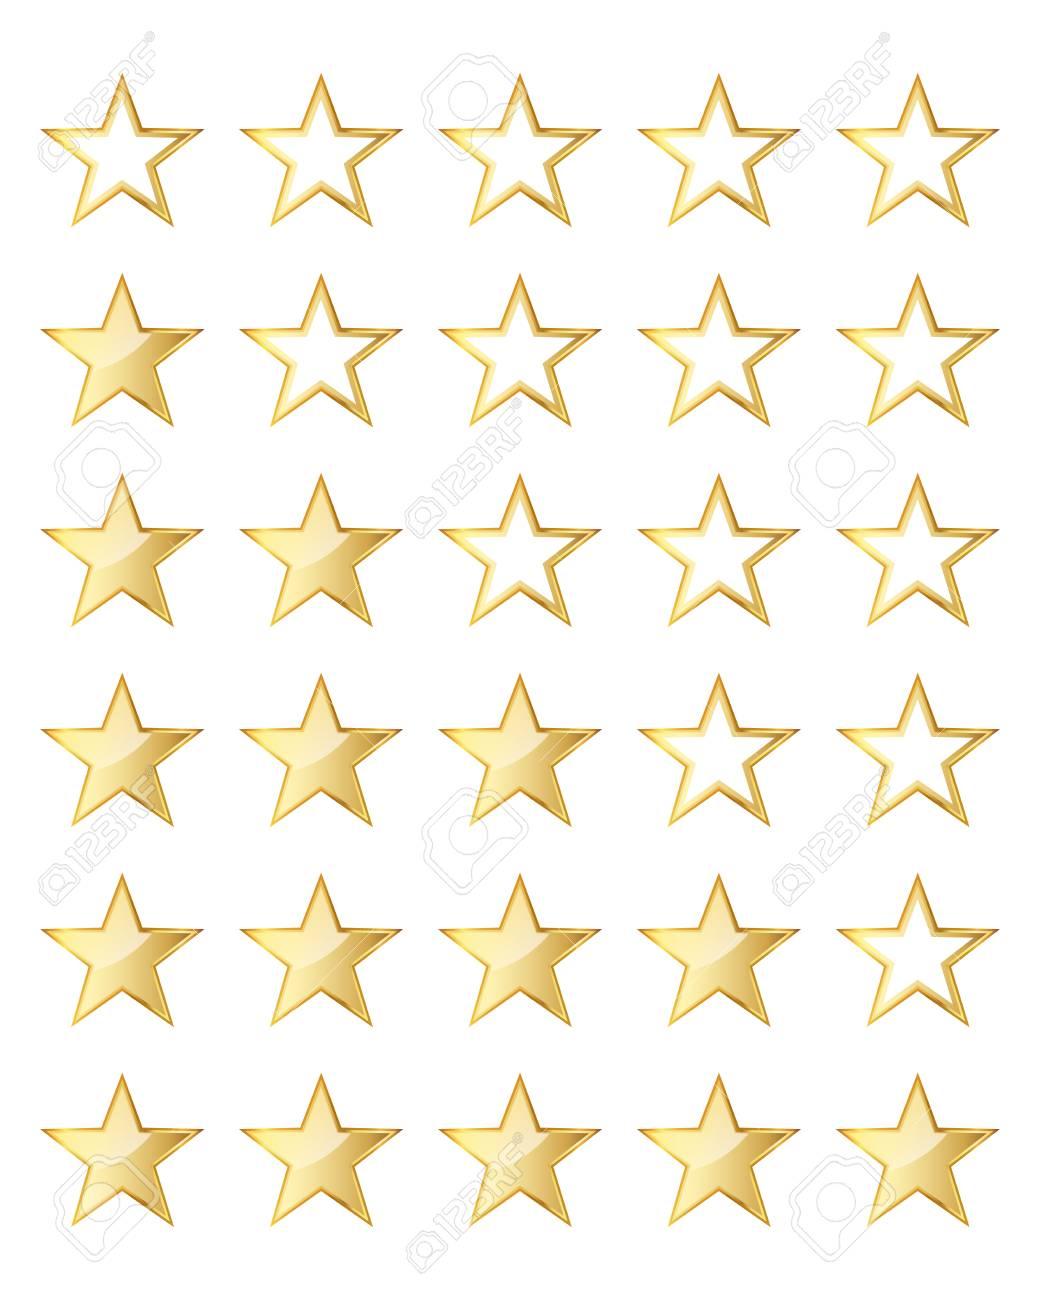 Goldene Stern Bewertung Vorlage Auf Weißen Hintergrund. Vektor ...